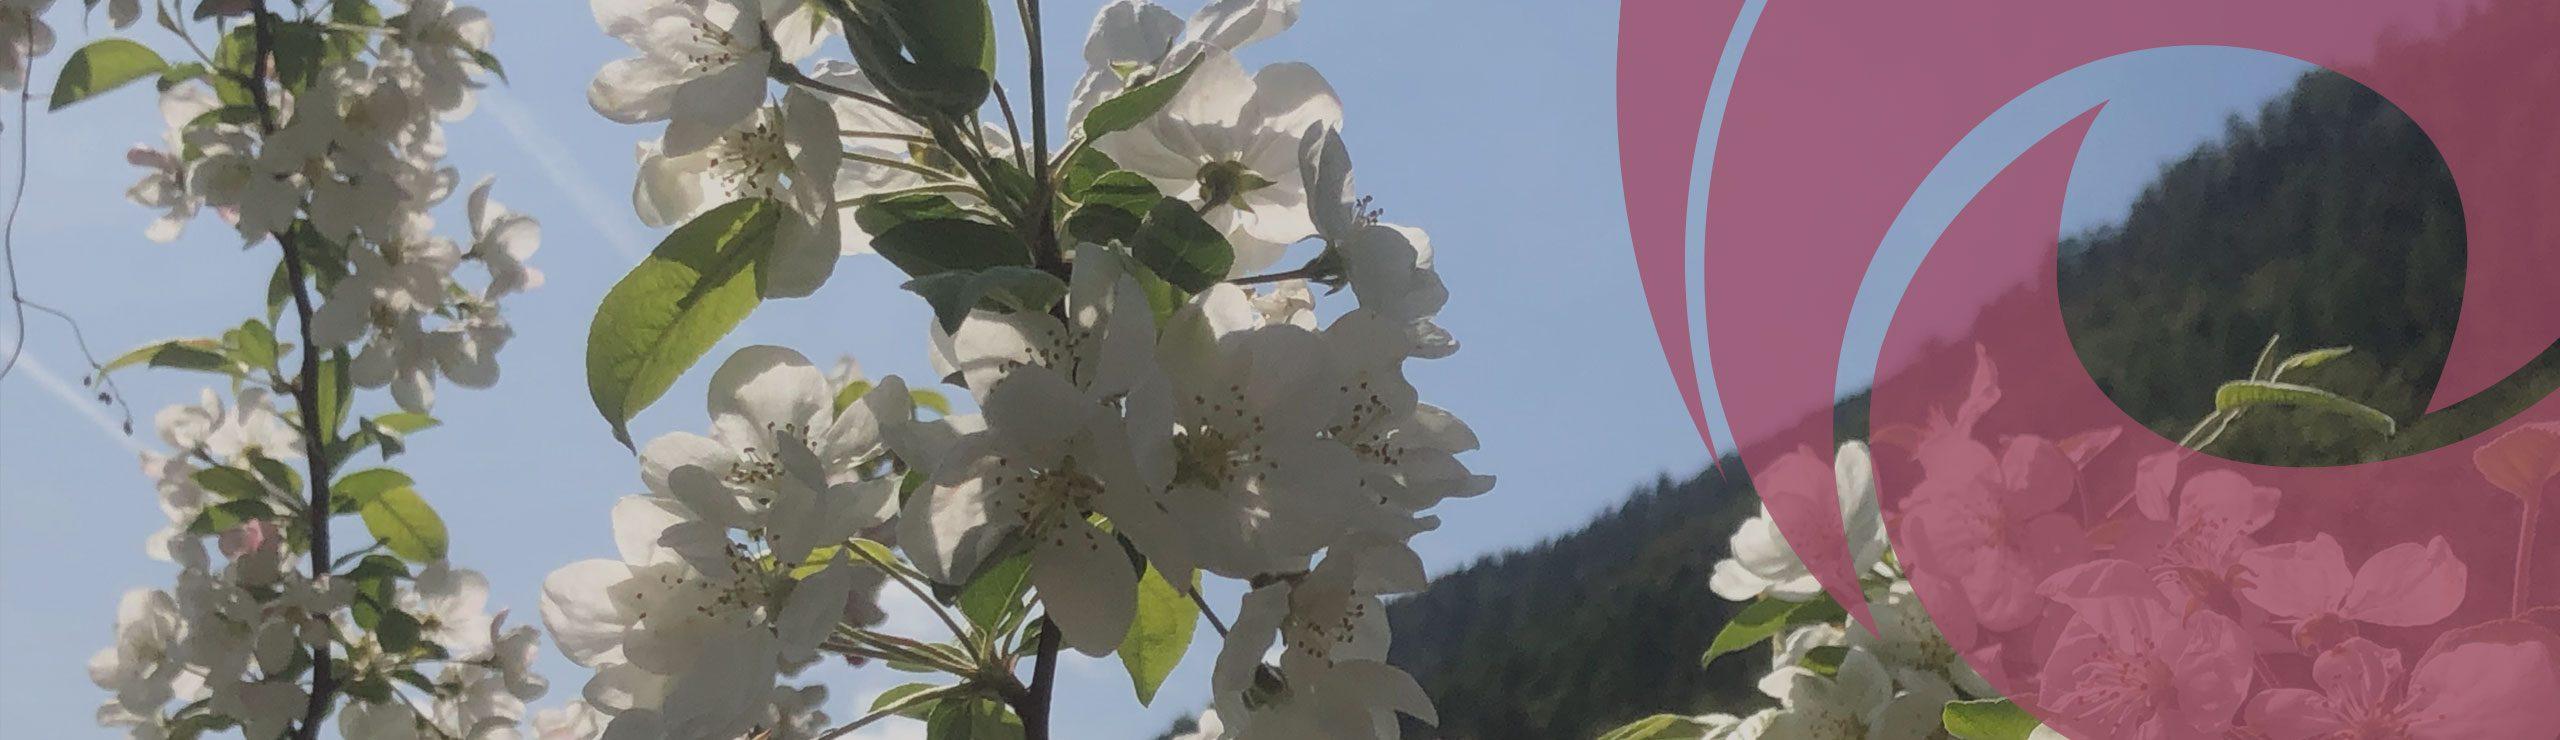 Blühender Apfelbaum | Hospizverein Bayreuth